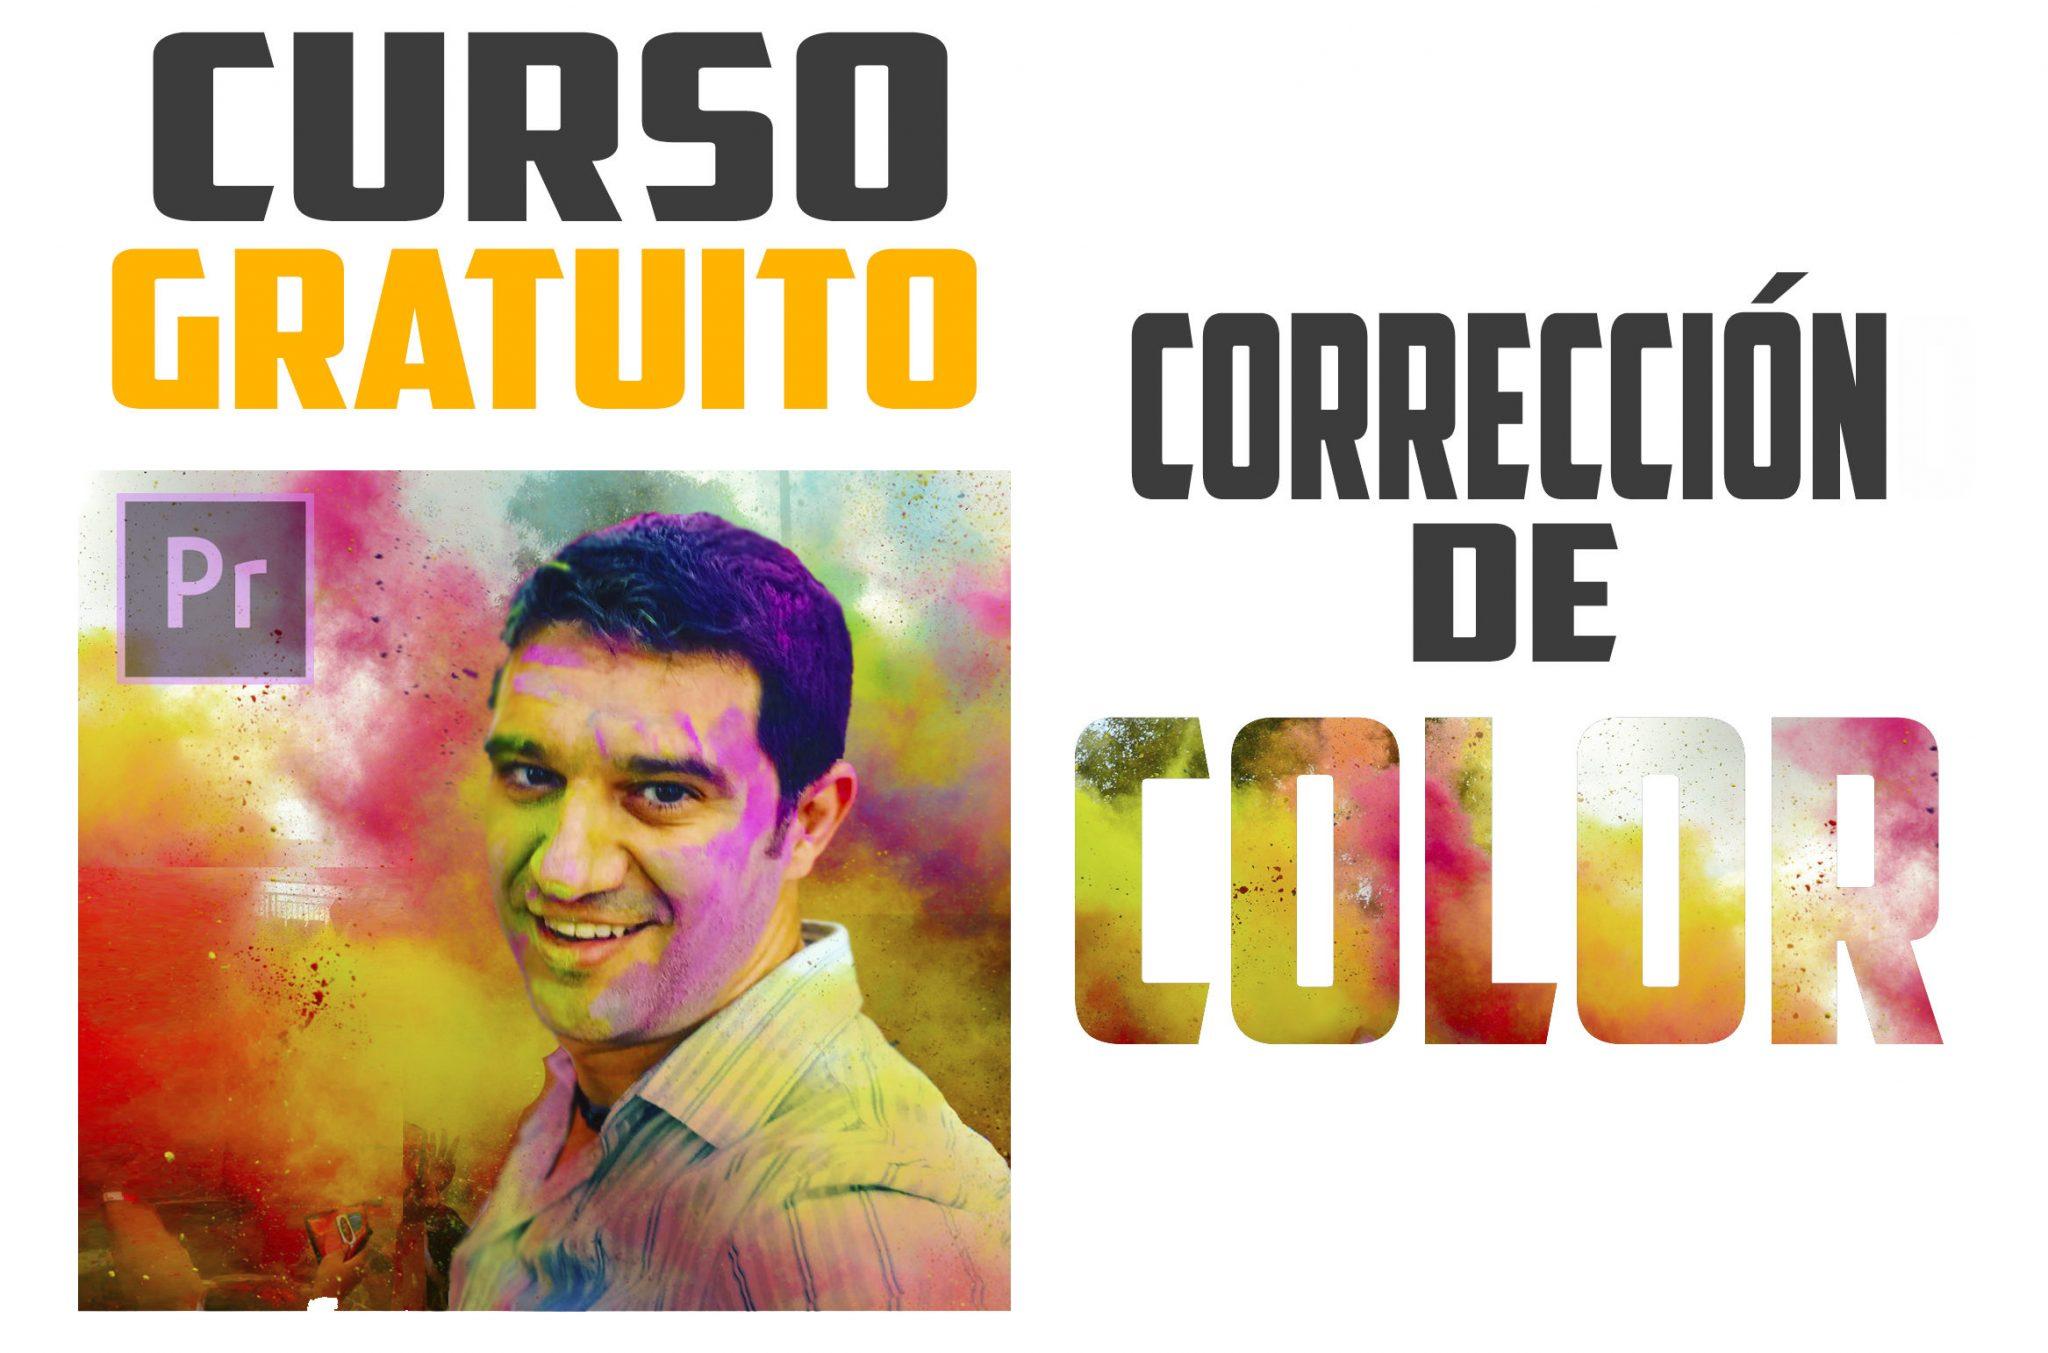 Curso gratuito corrección de color Editalo pro